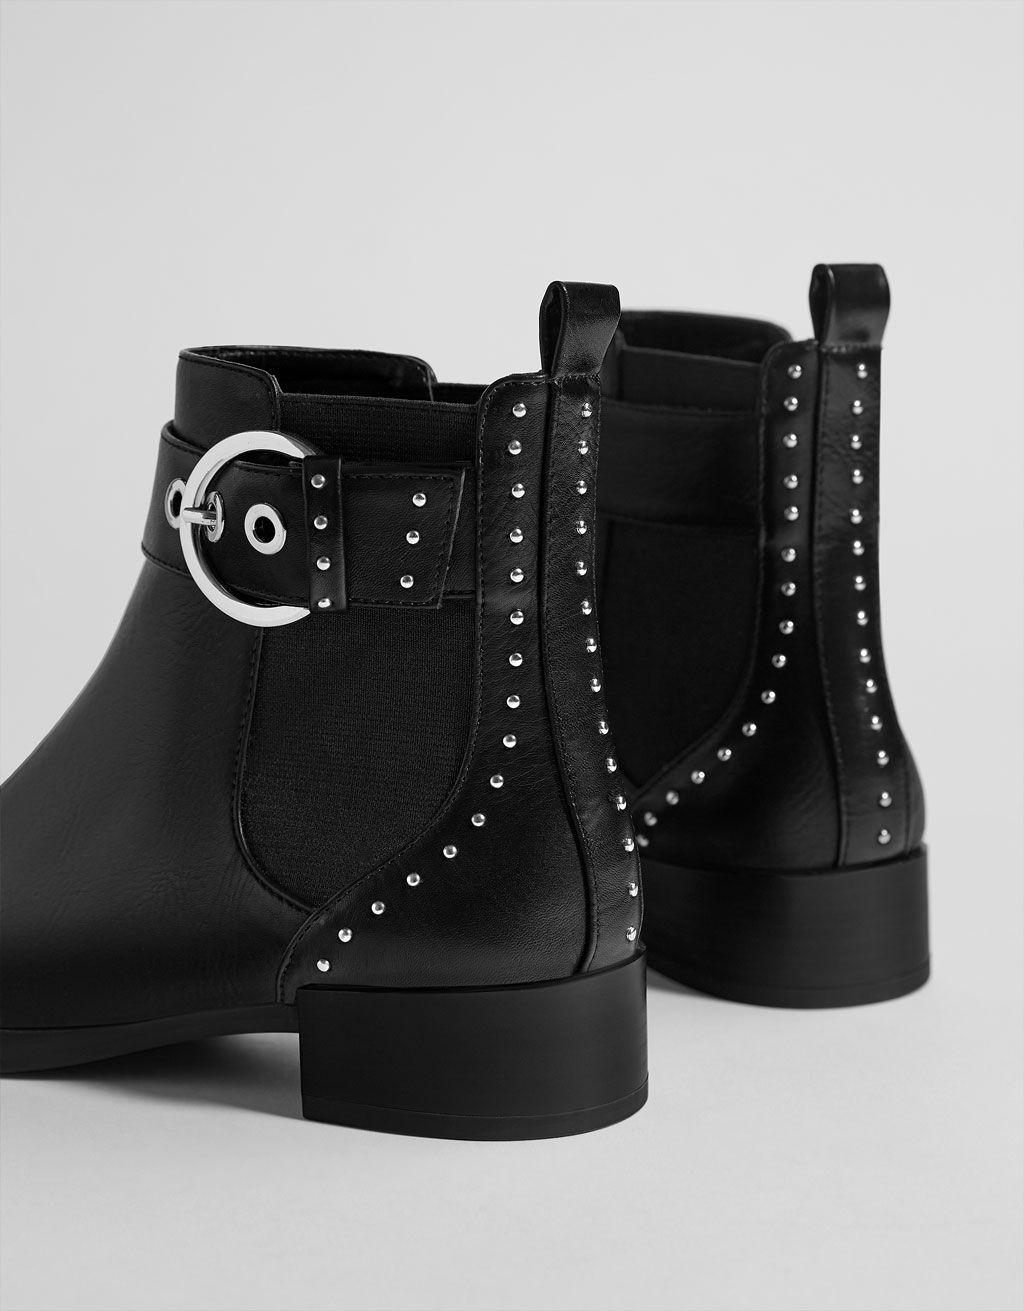 fee5b233 Botines planos elásticos con tachas in 2019 | Shoes | Botines planos ...